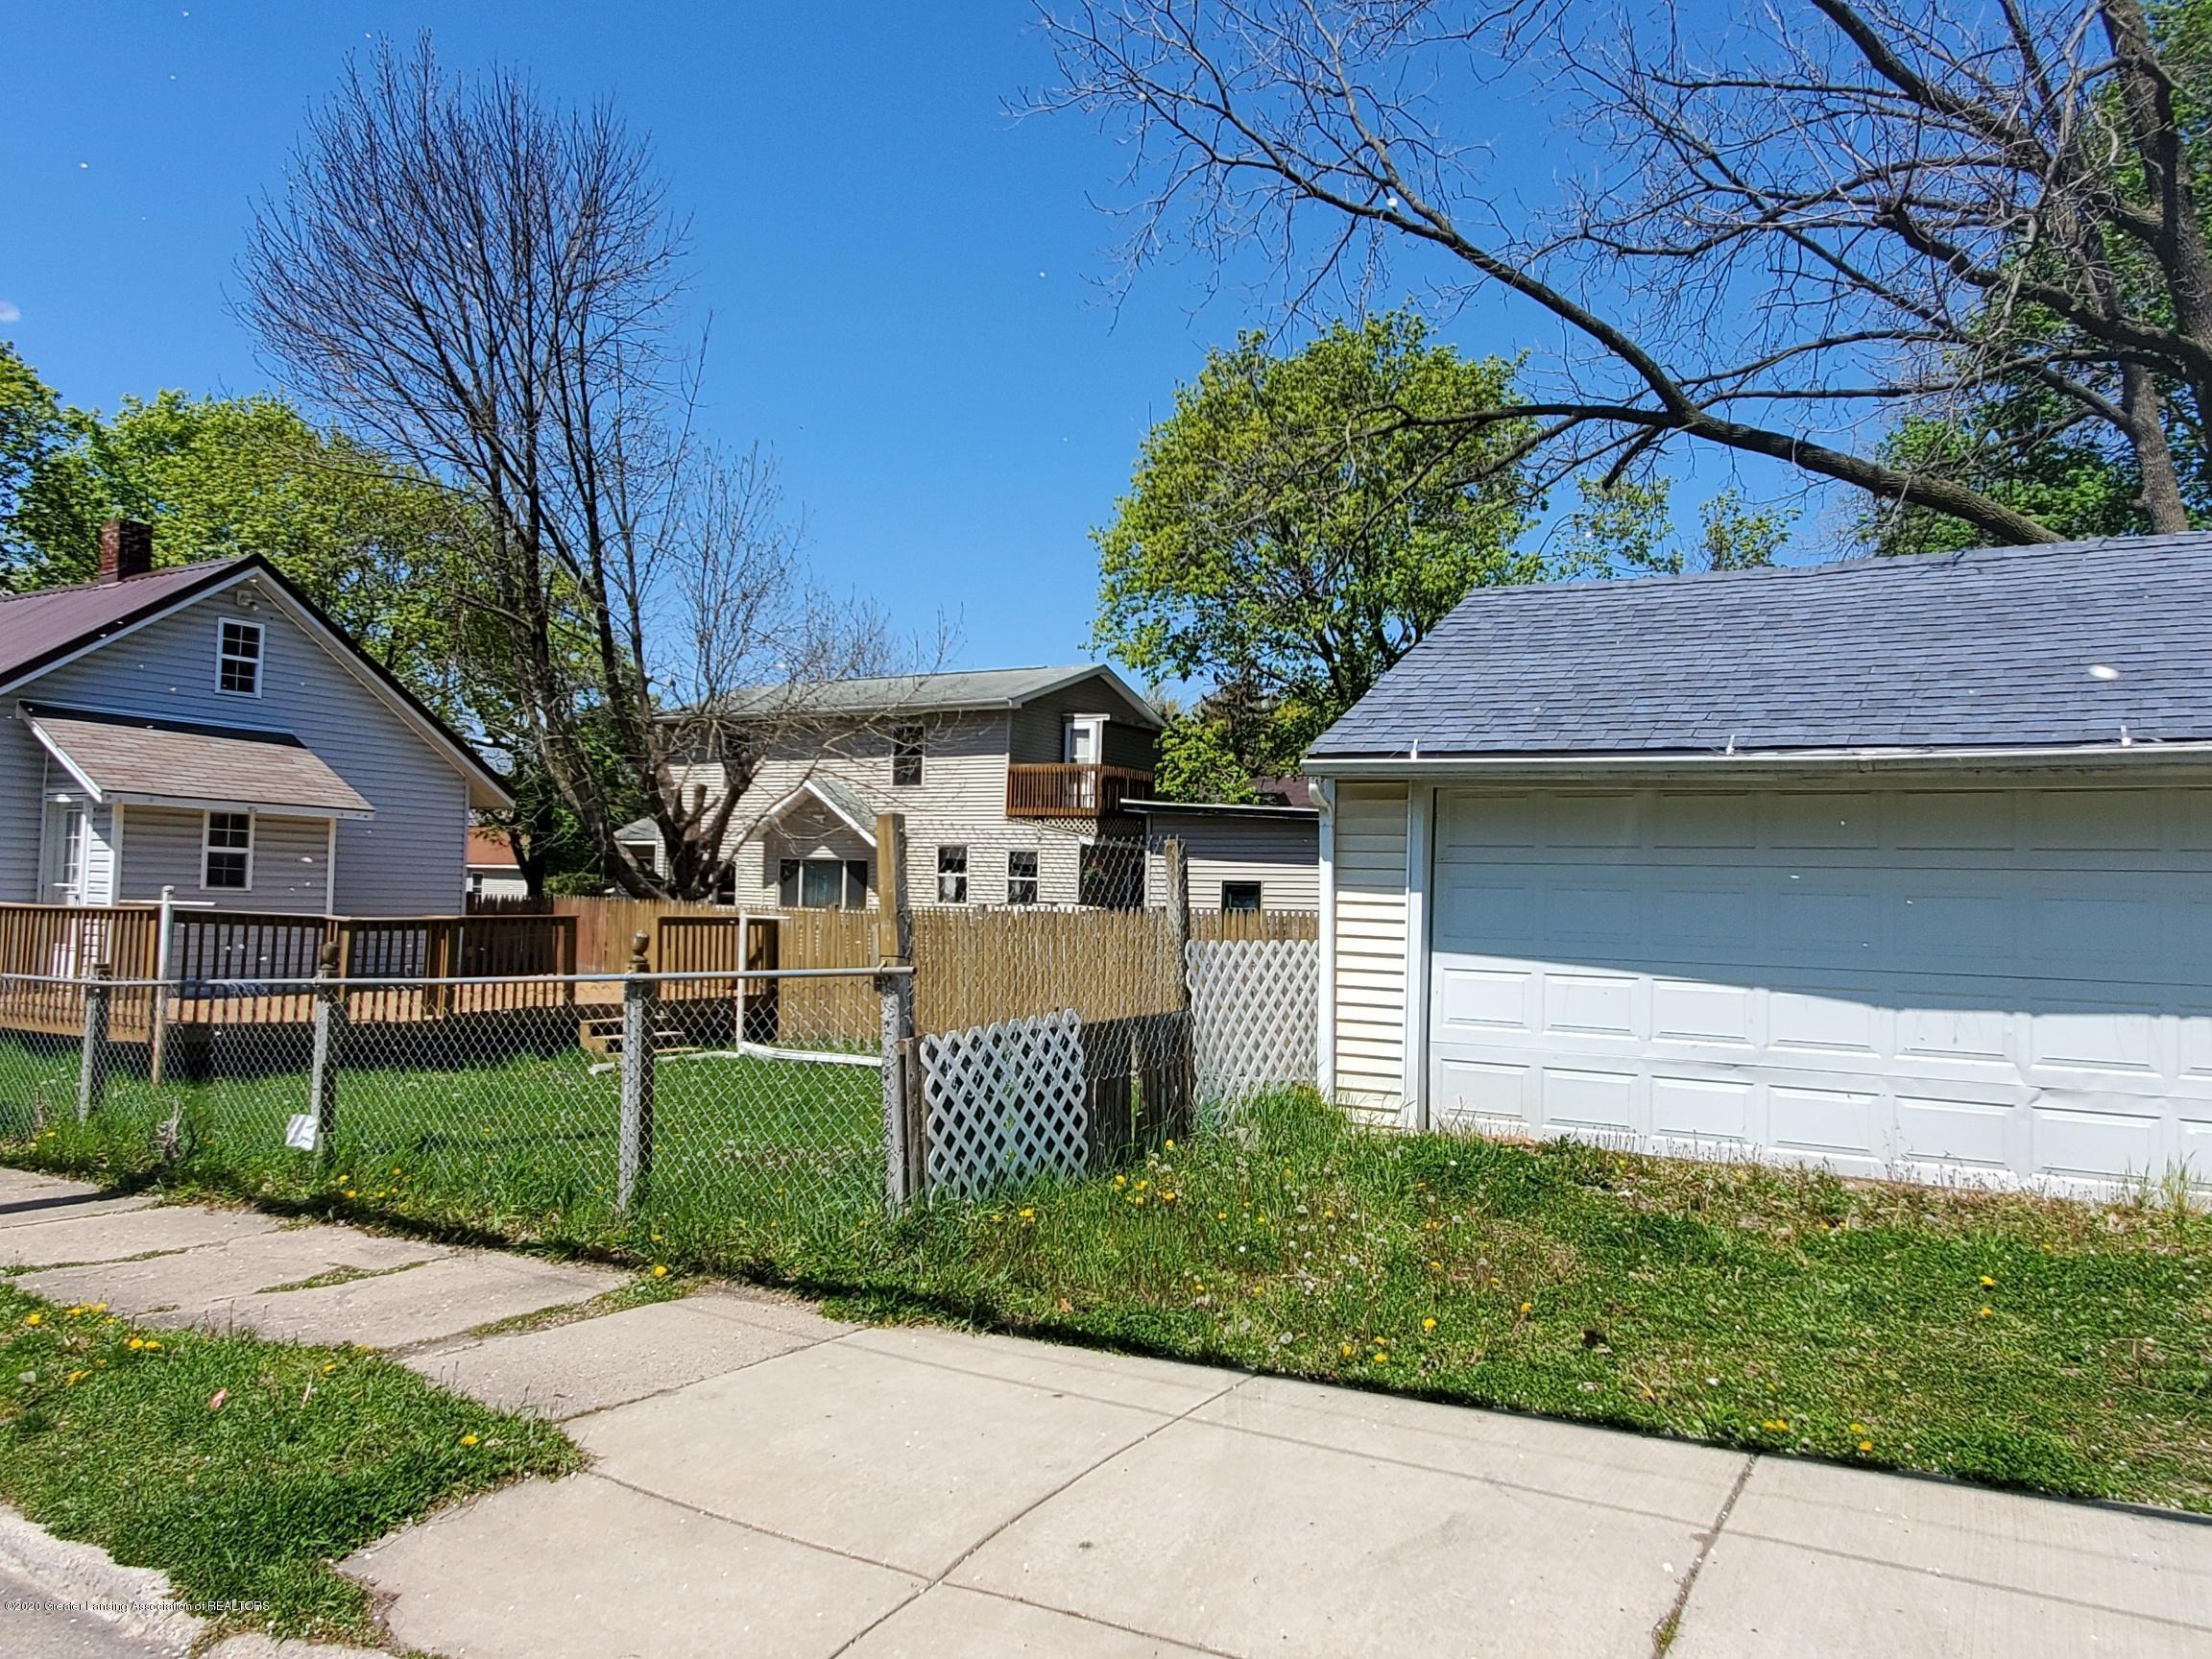 1600 Massachusetts Ave - 20200512_134541_resized - 3